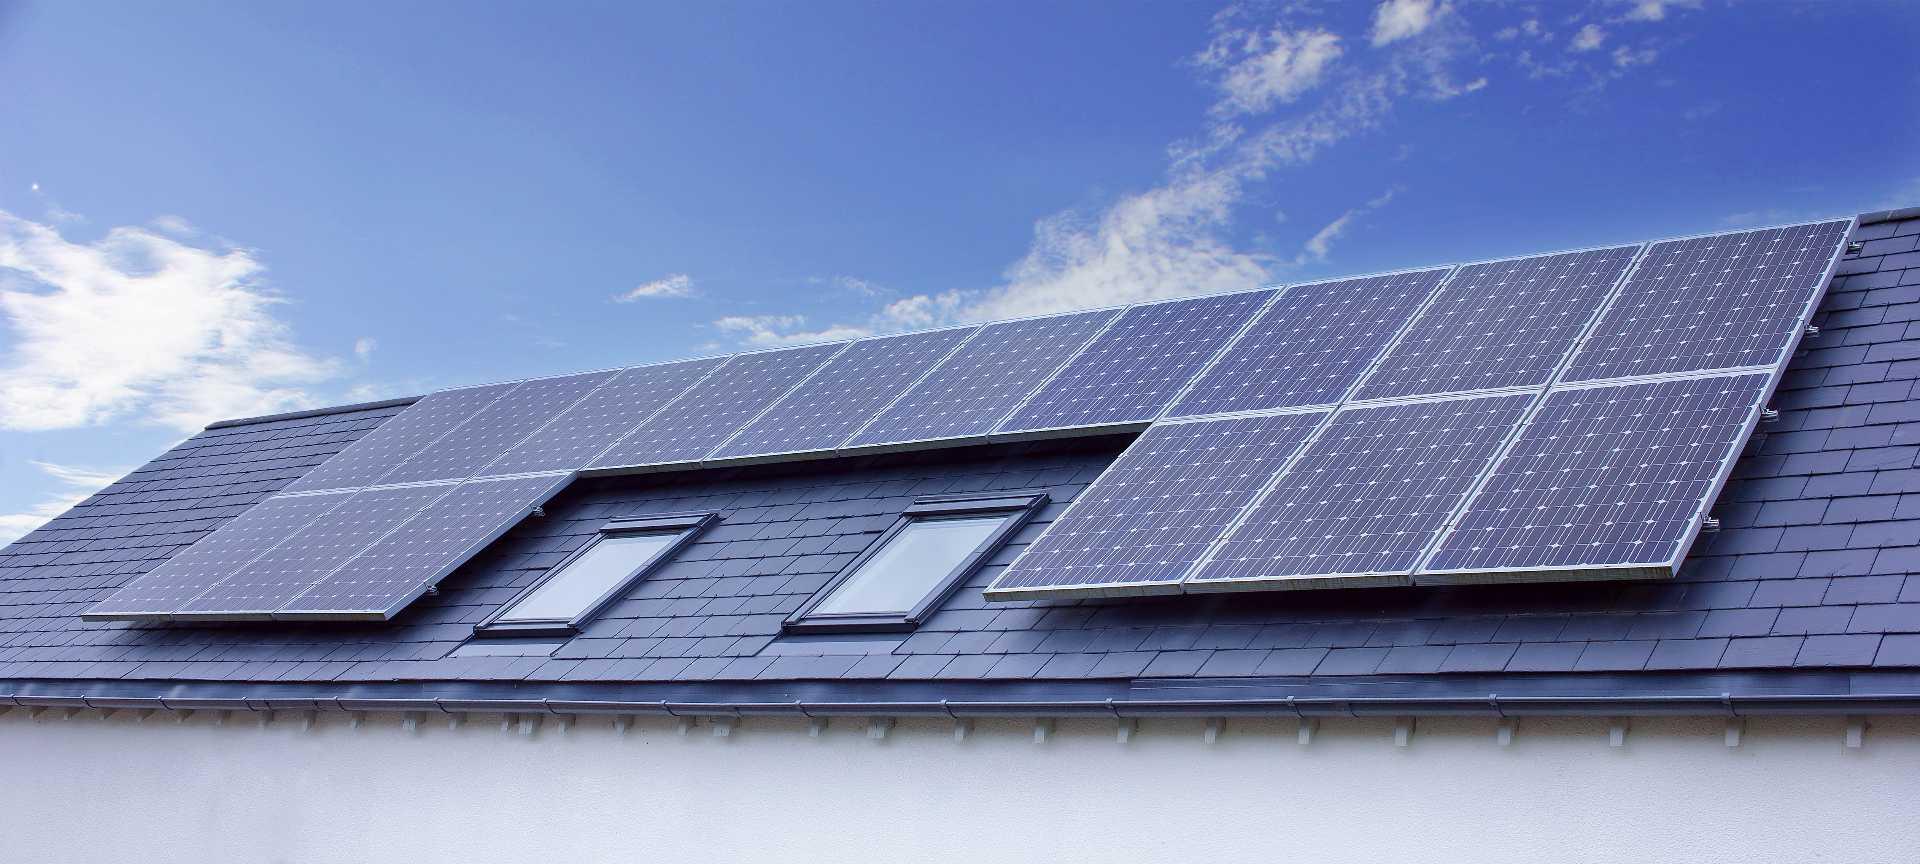 Photovoltaikanlage bei blauem Himmel